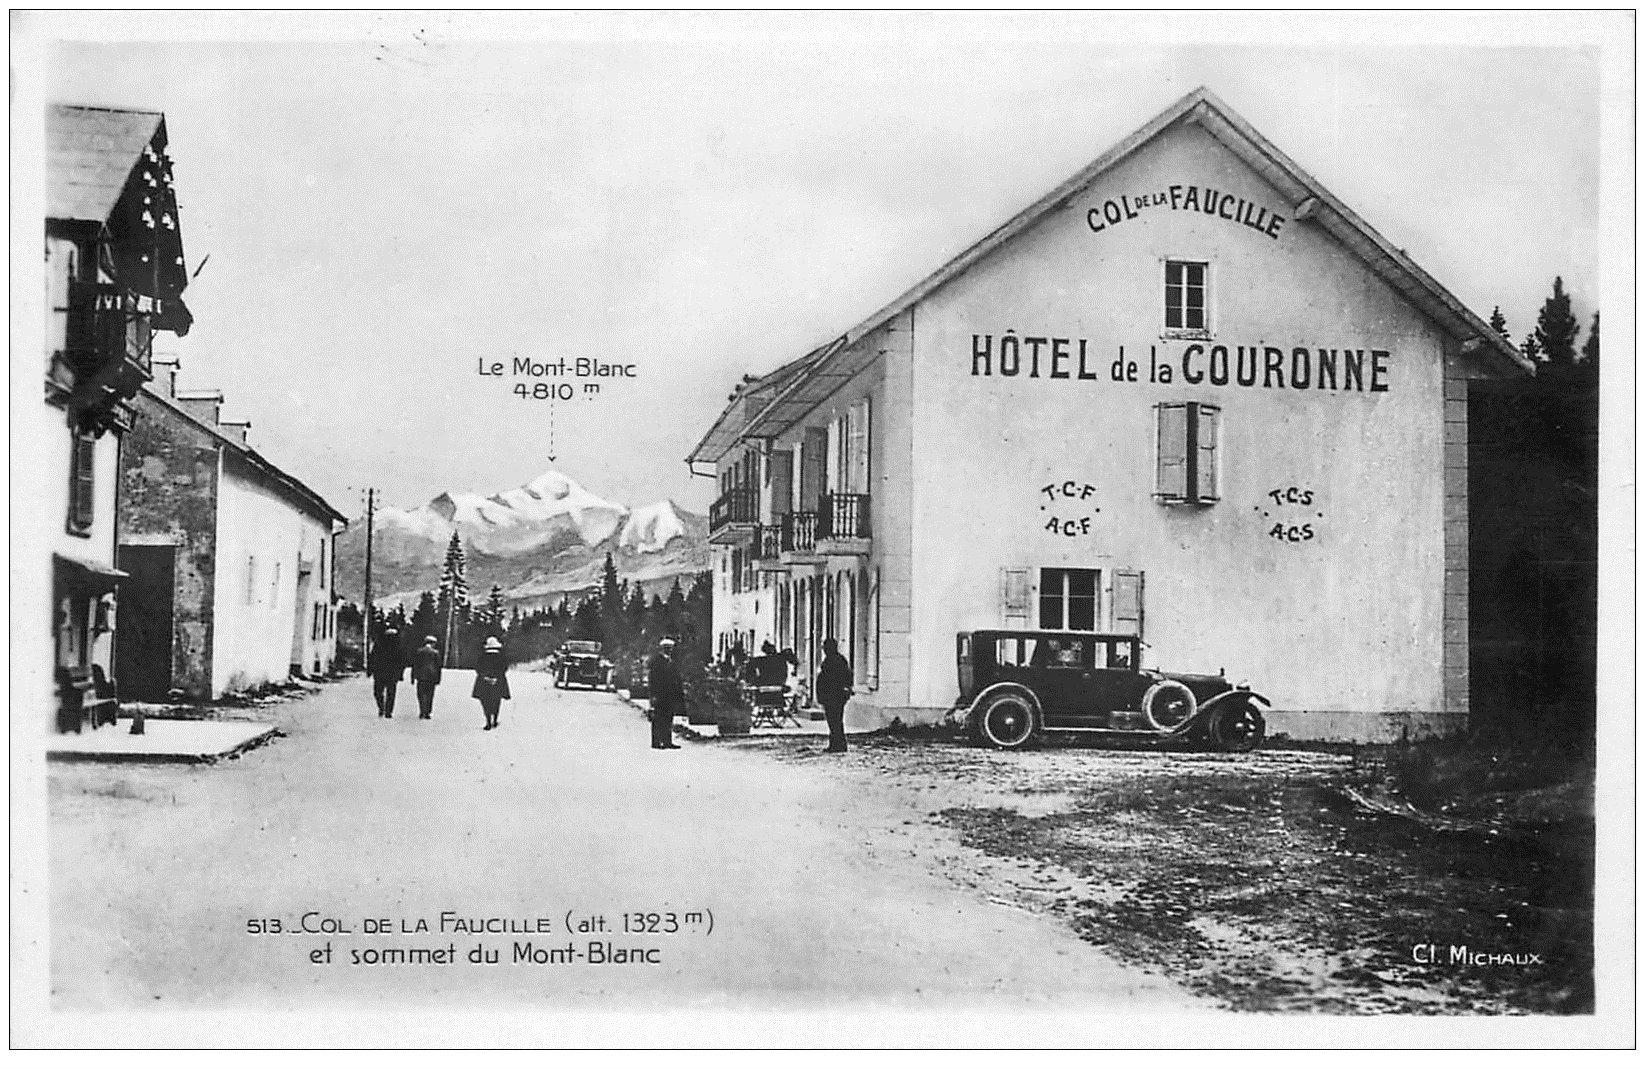 carte postale ancienne 01 Col de la Faucille. Hôtel de la Couronne. Voiture ancienne et Mont Blanc